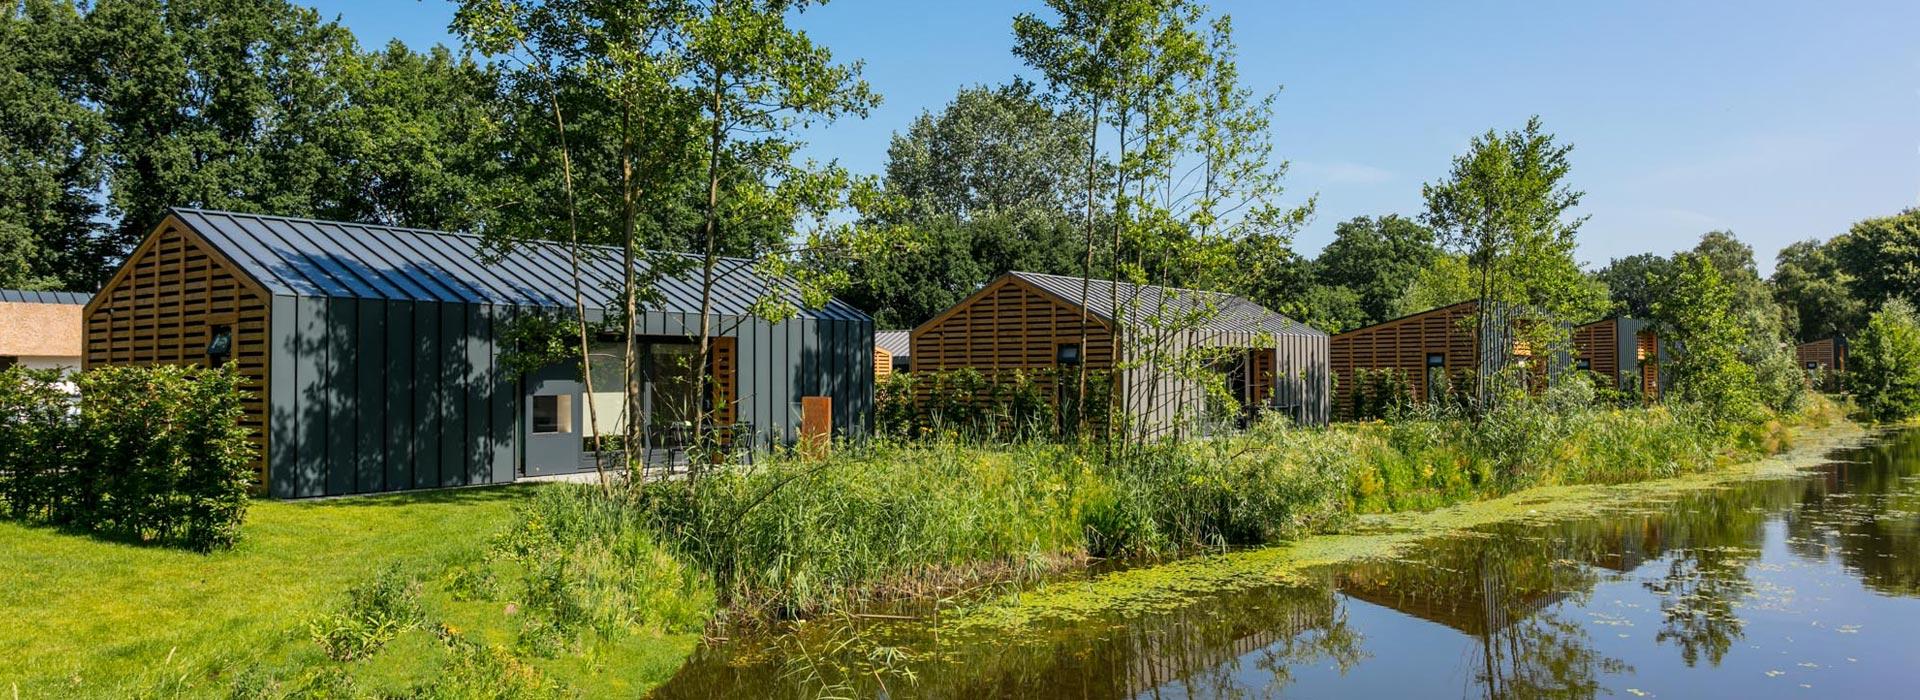 Suitelodges Gooilanden in Loosdrecht